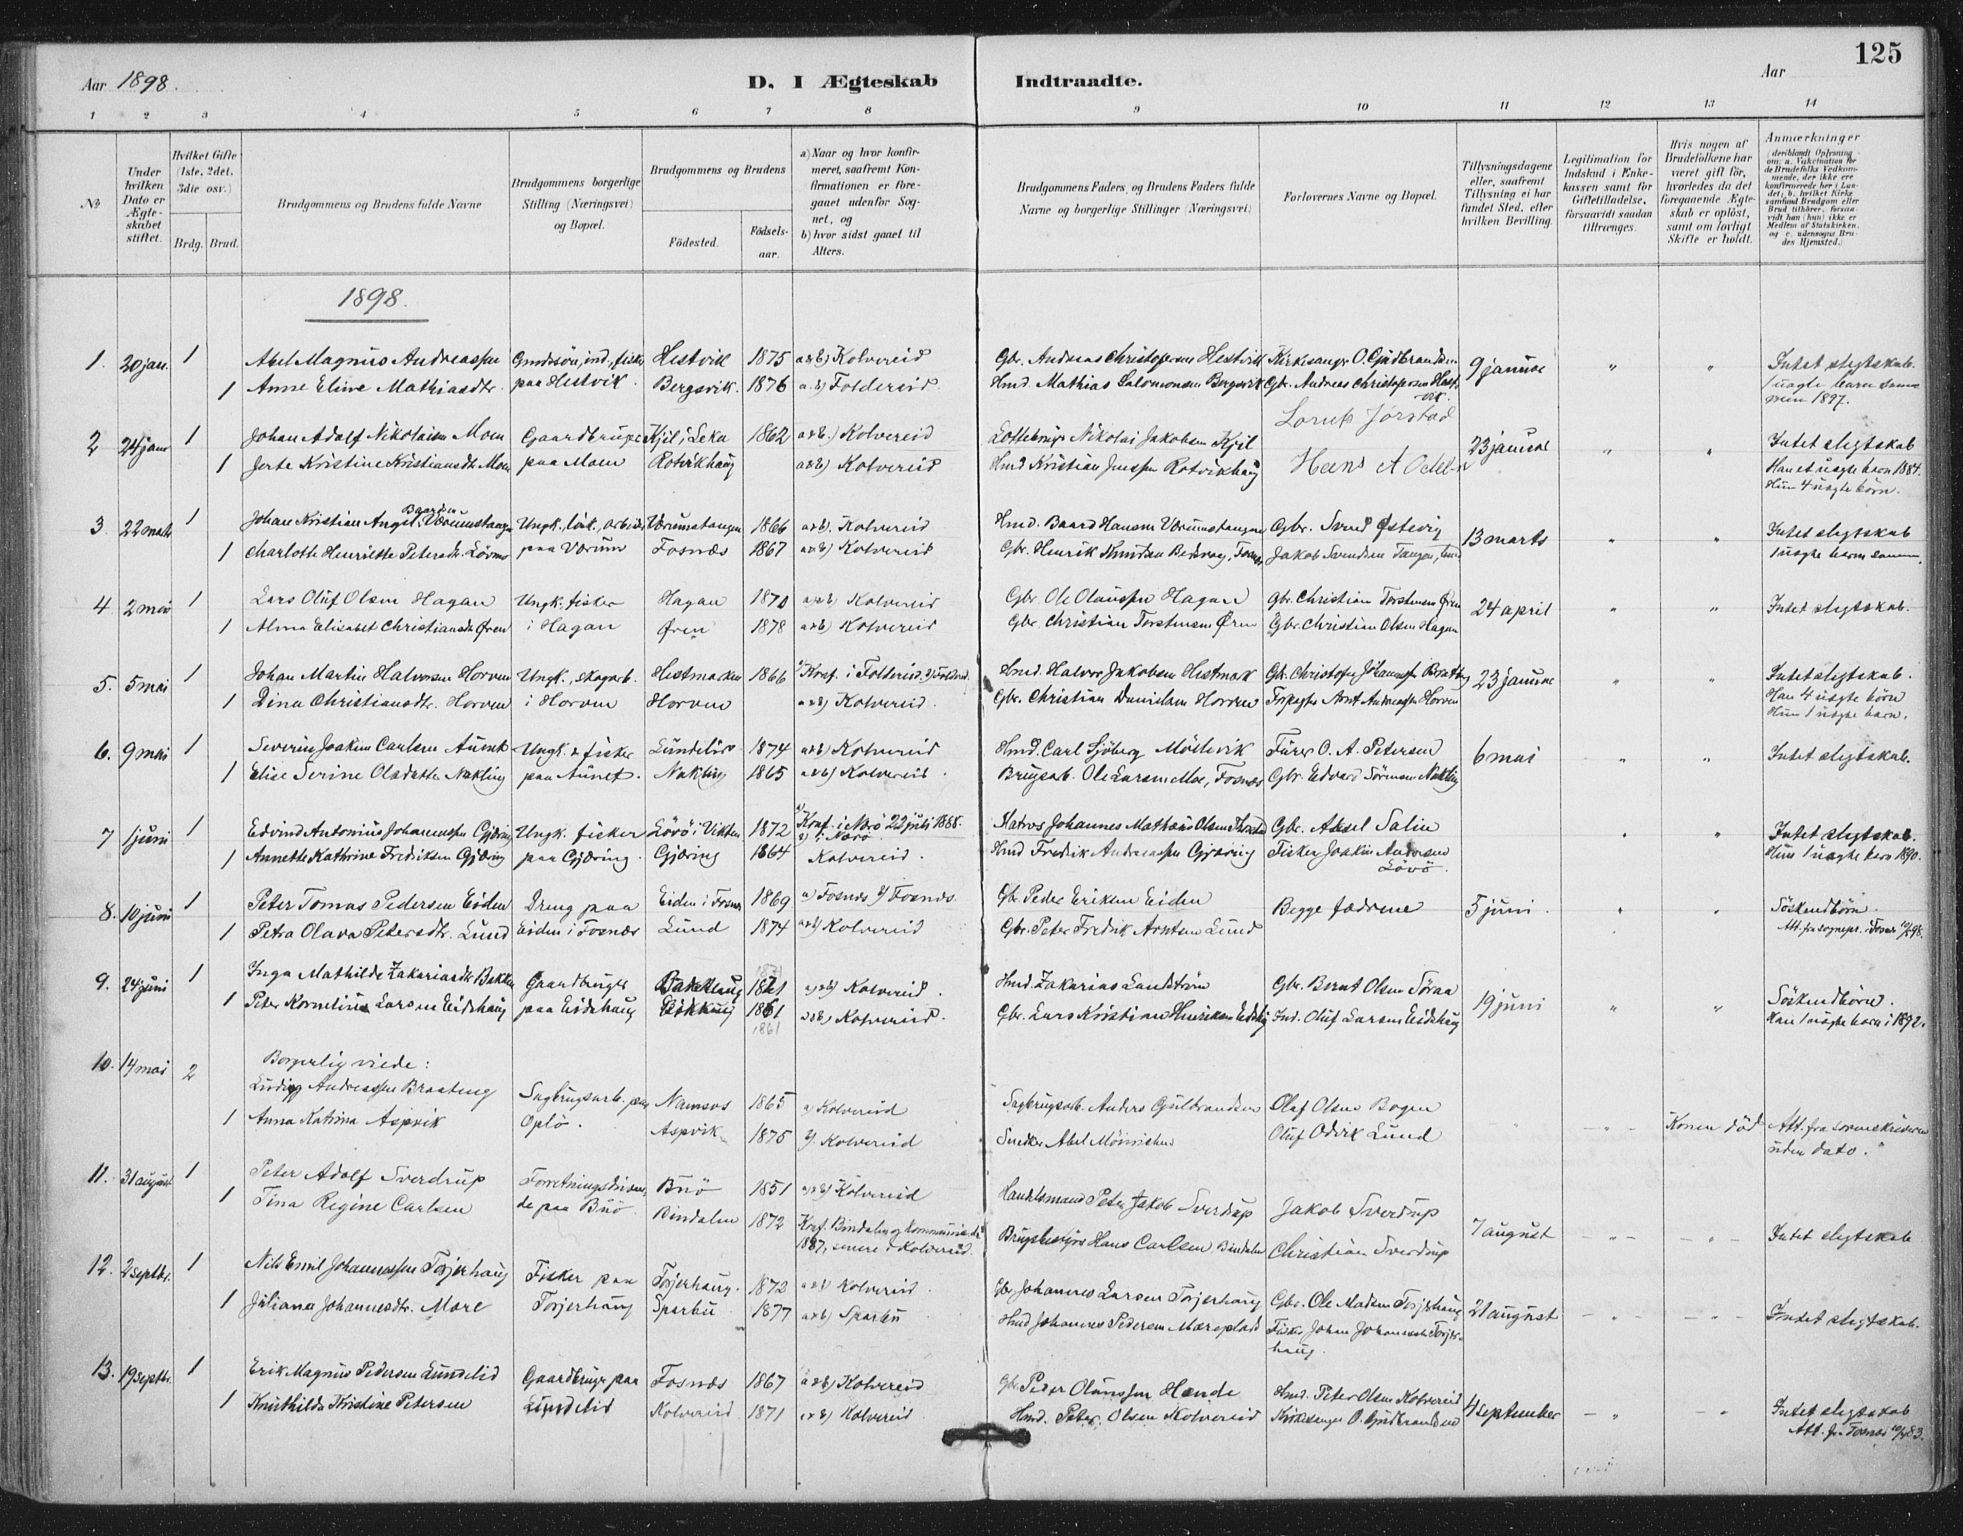 SAT, Ministerialprotokoller, klokkerbøker og fødselsregistre - Nord-Trøndelag, 780/L0644: Ministerialbok nr. 780A08, 1886-1903, s. 125